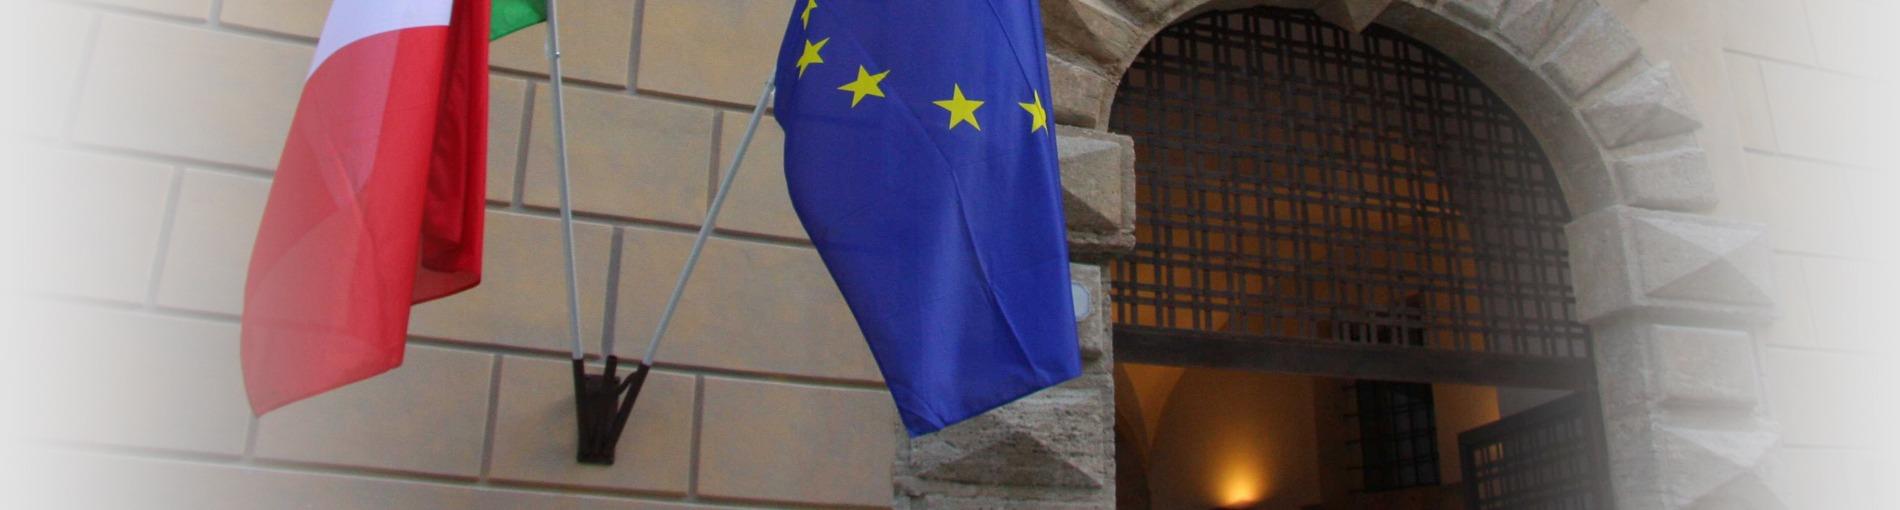 Fondazione Sicilia - Photo 5509